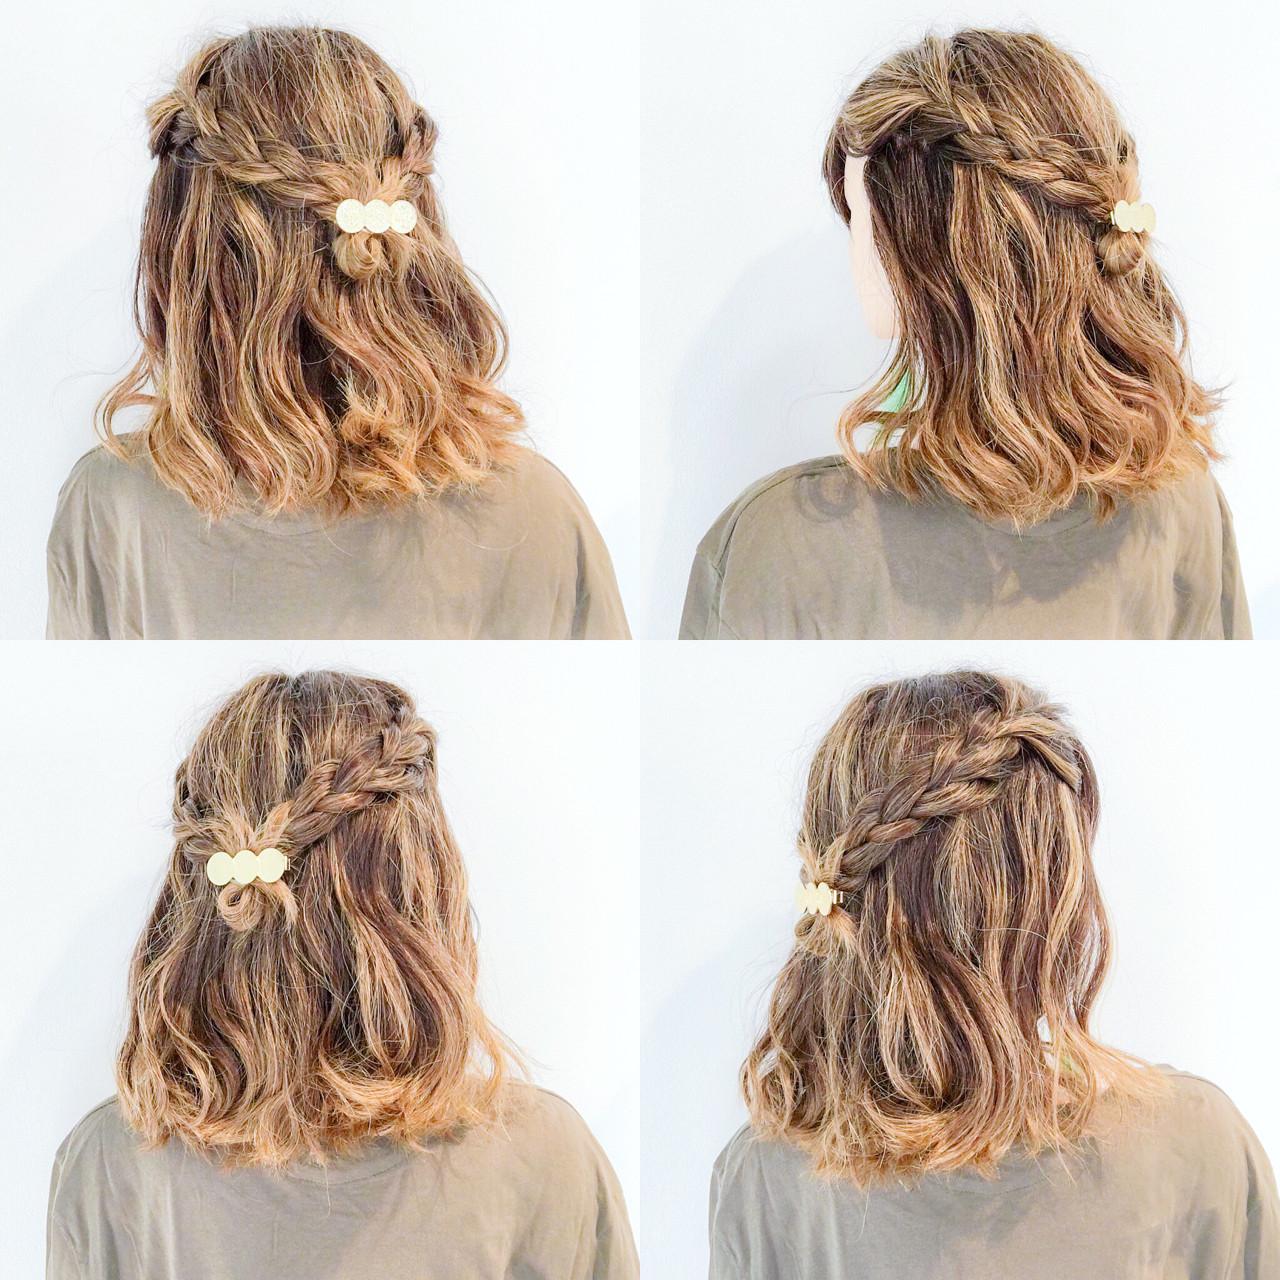 簡単ヘアアレンジ 色気 夏 フェミニン ヘアスタイルや髪型の写真・画像 | 美容師HIRO/Amoute代表 / Amoute/アムティ